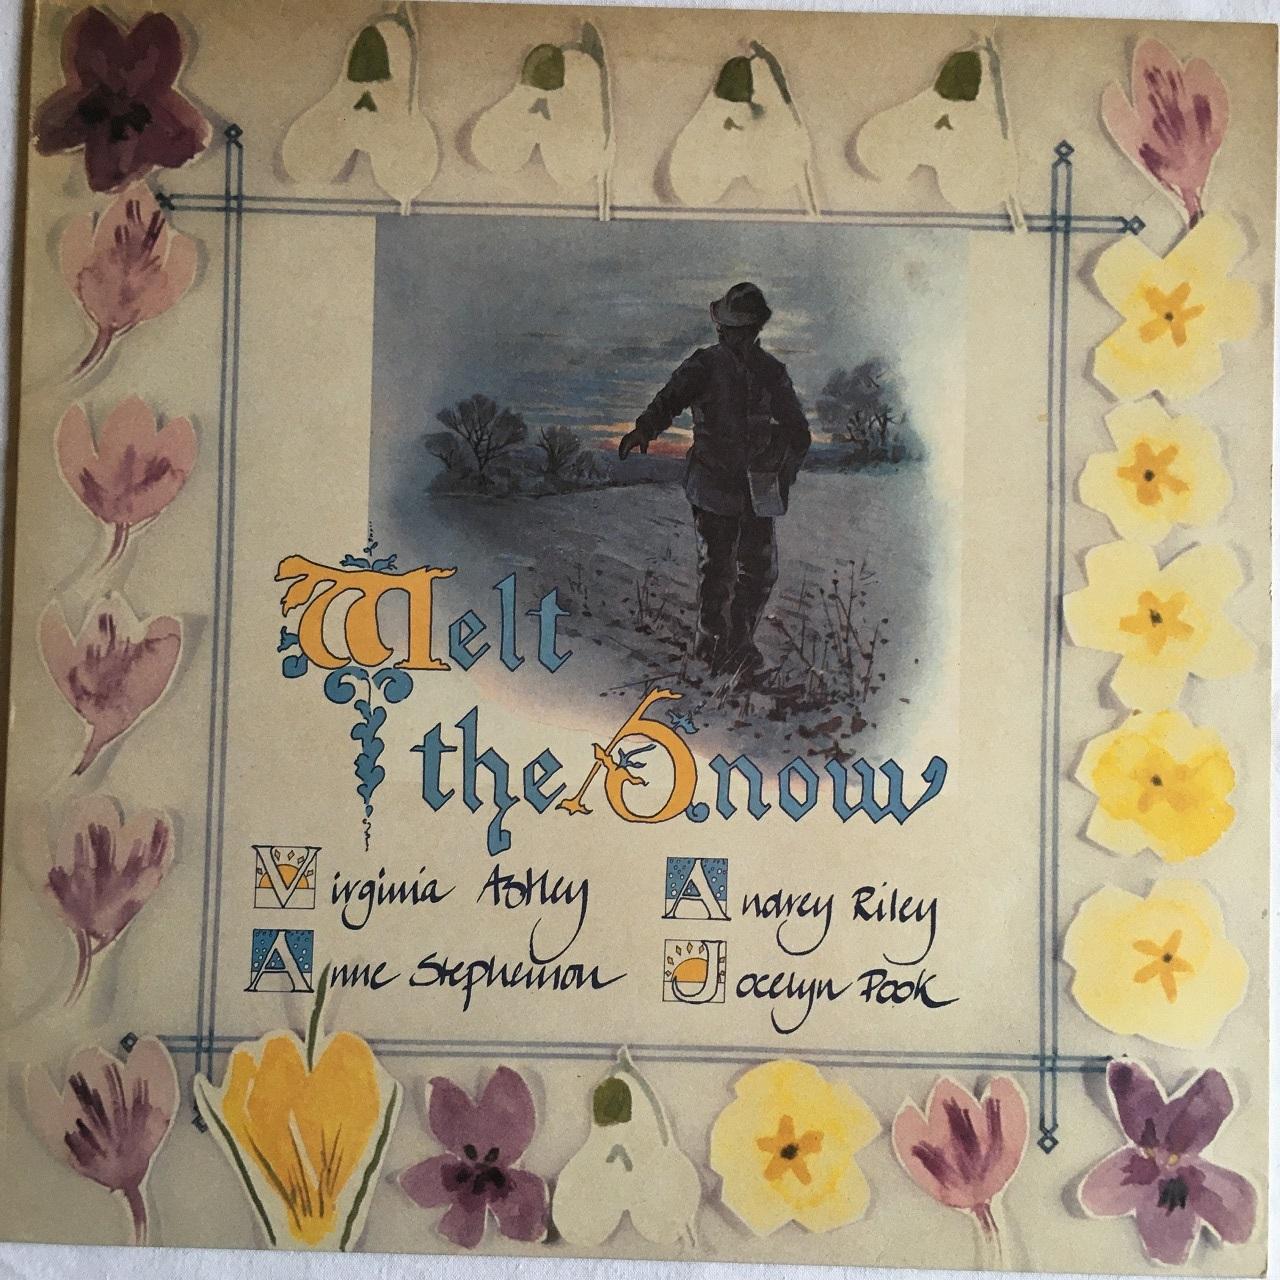 【12inch・英盤】Virginia Astley / Melt The Snow